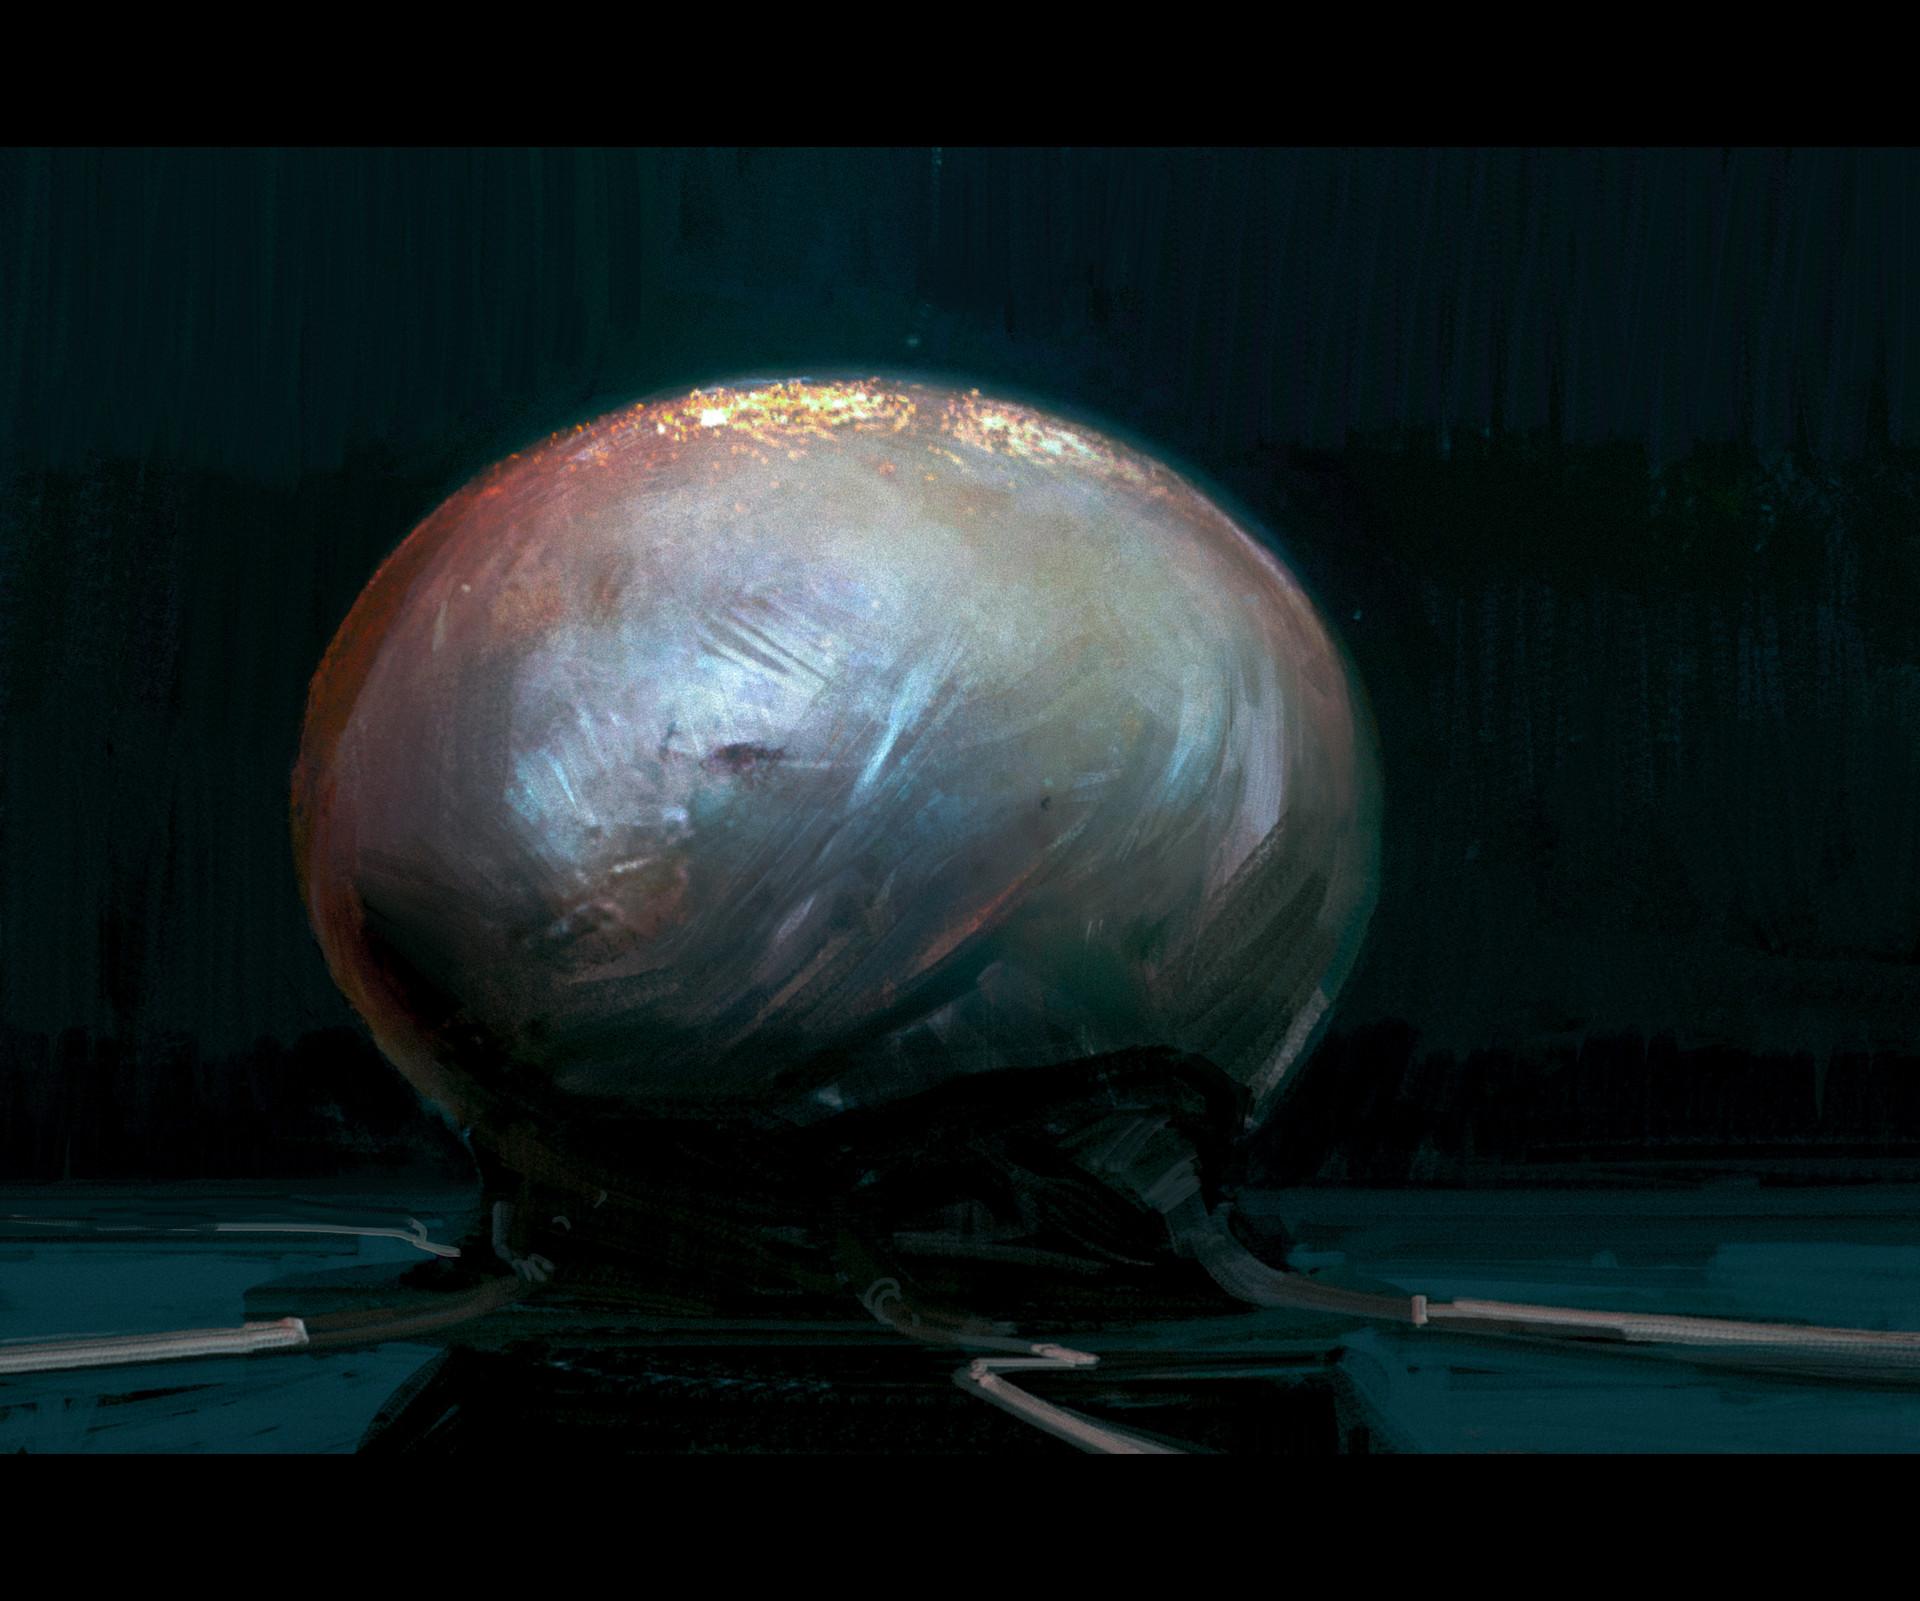 Alexander mandradjiev alien pod v1 a